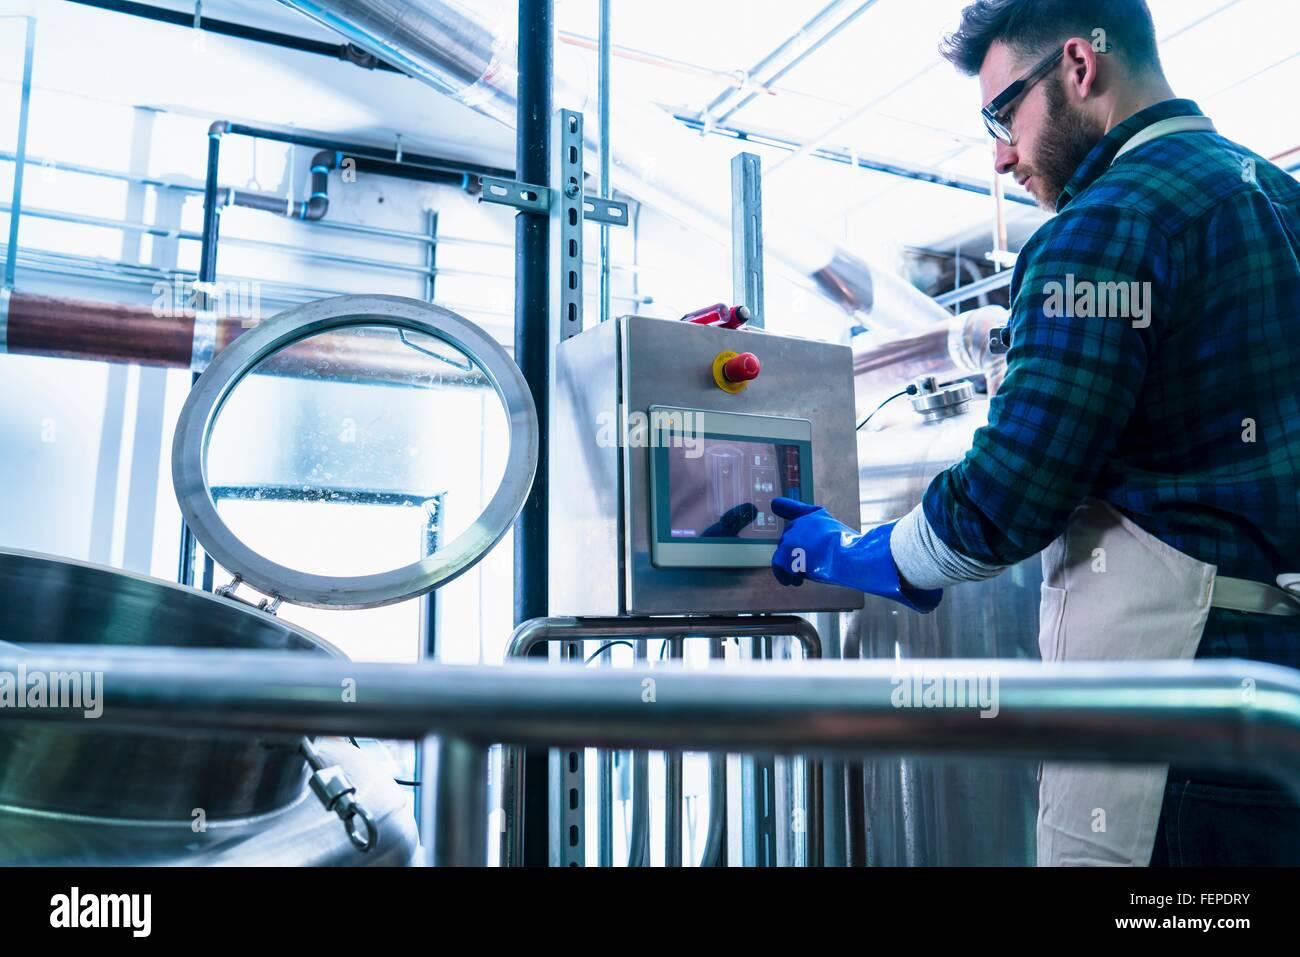 Joven en la cervecería vistiendo delantal y guantes protectores de pantalla táctil utilizando equipos Imagen De Stock